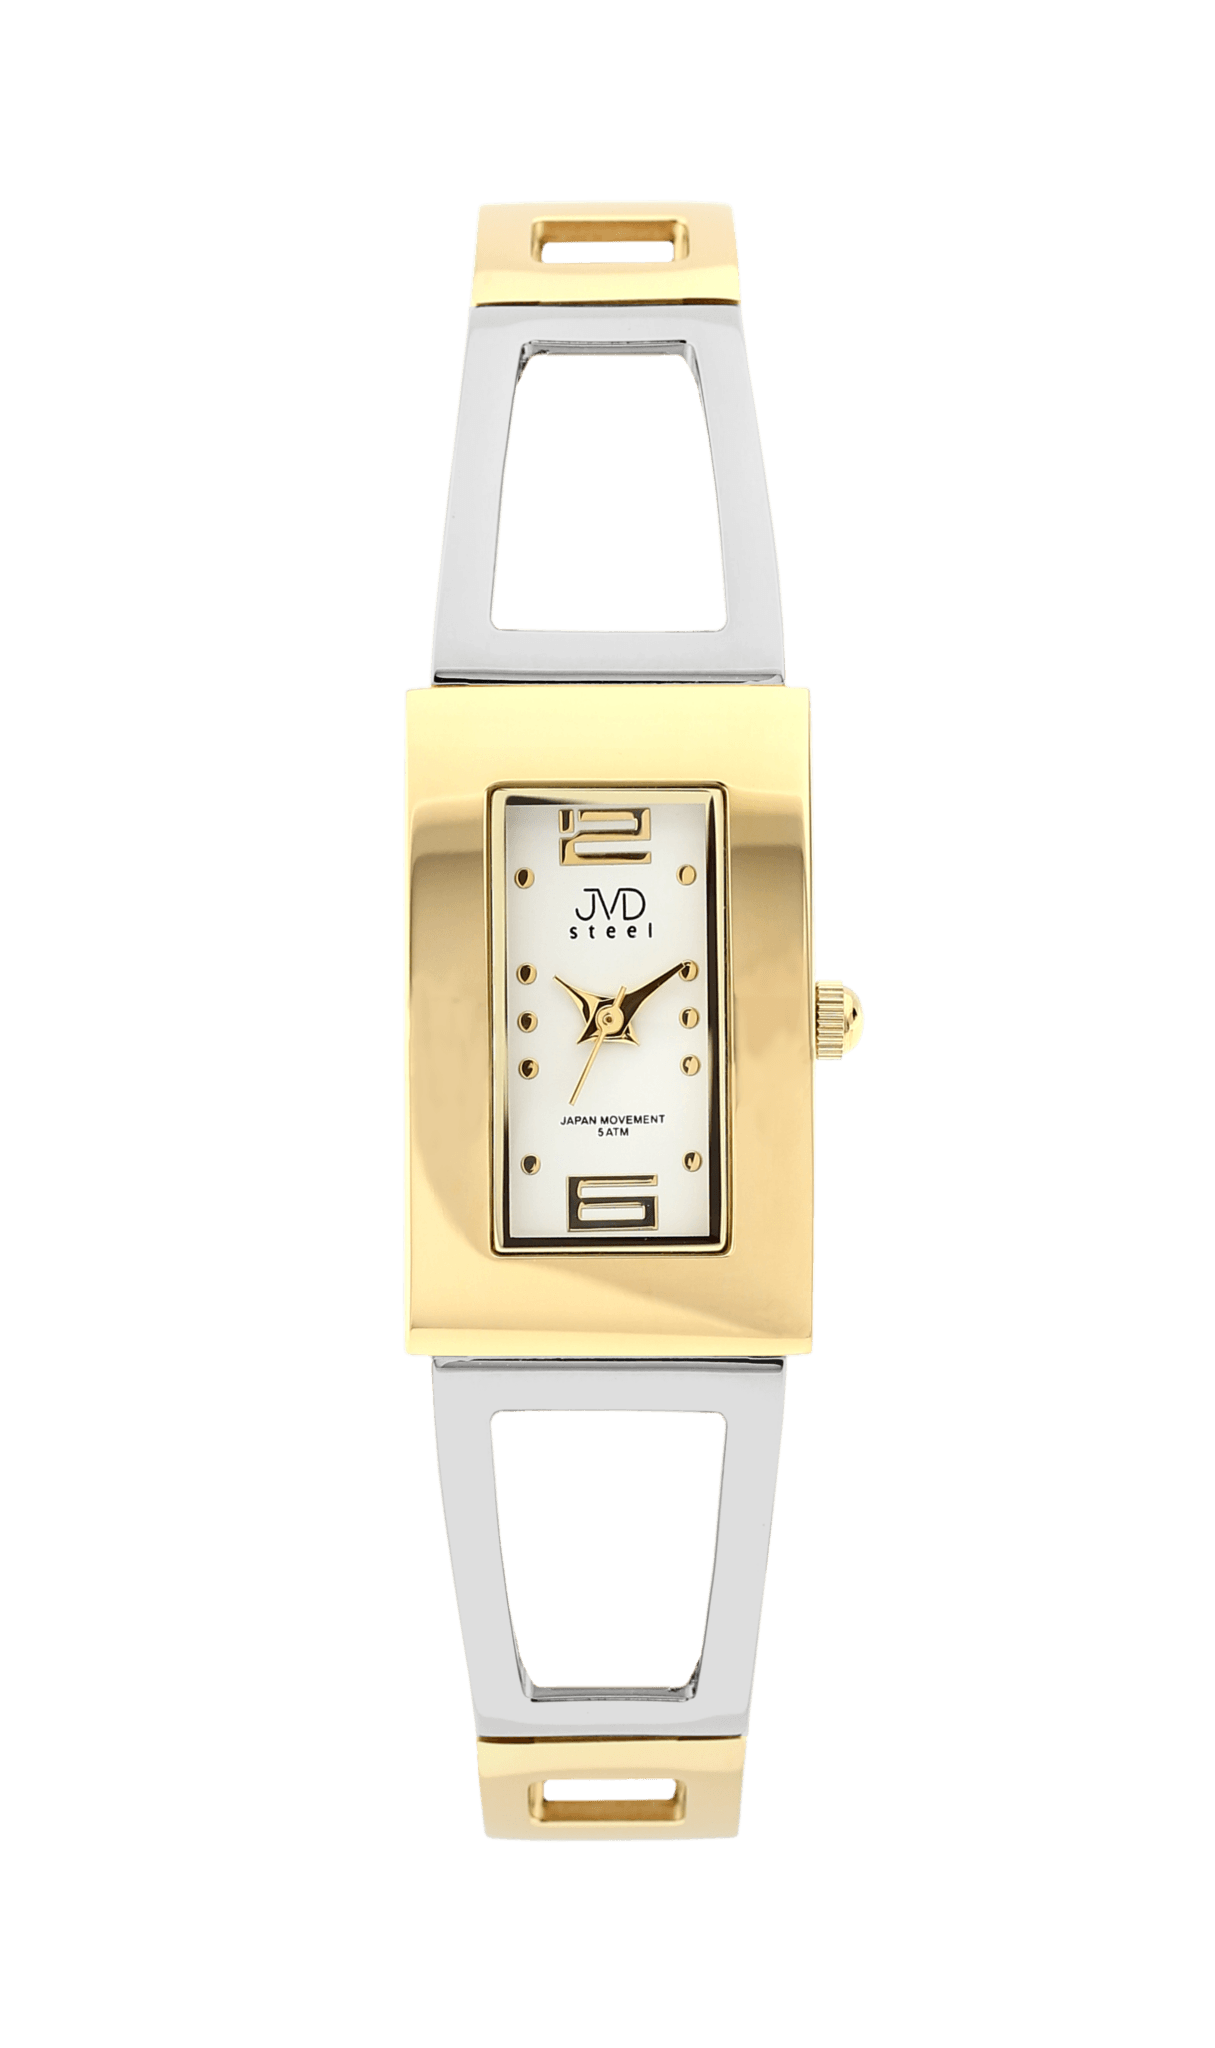 Dámské ocelové náramkové hodinky JVD steel J4086.3 (POŠTOVNÉ ZDARMA!!)